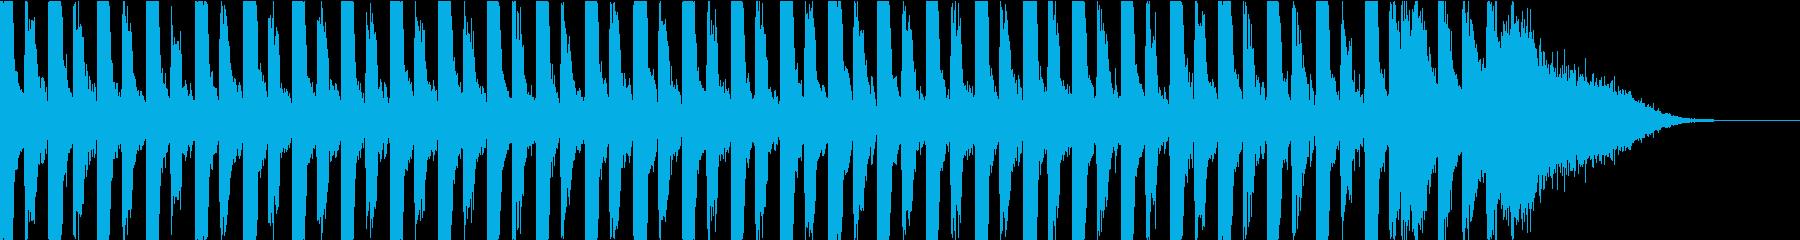 EDM・東京五輪・開幕・オリンピックbの再生済みの波形